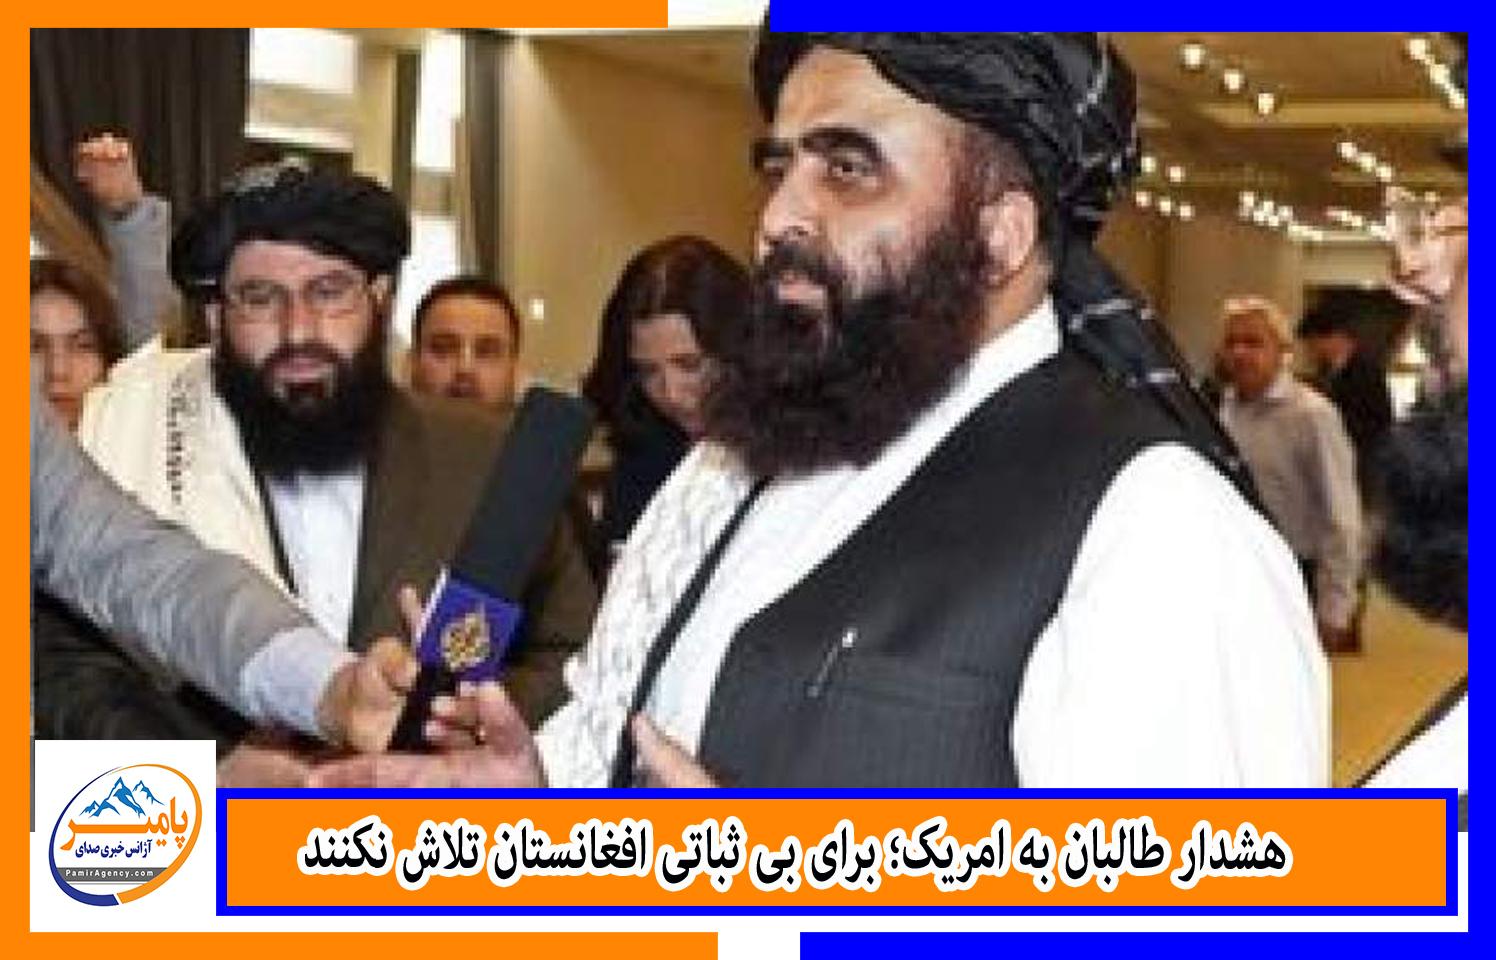 هشدار طالبان به امریکا؛ برای بی ثباتی افغانستان تلاش نکنند